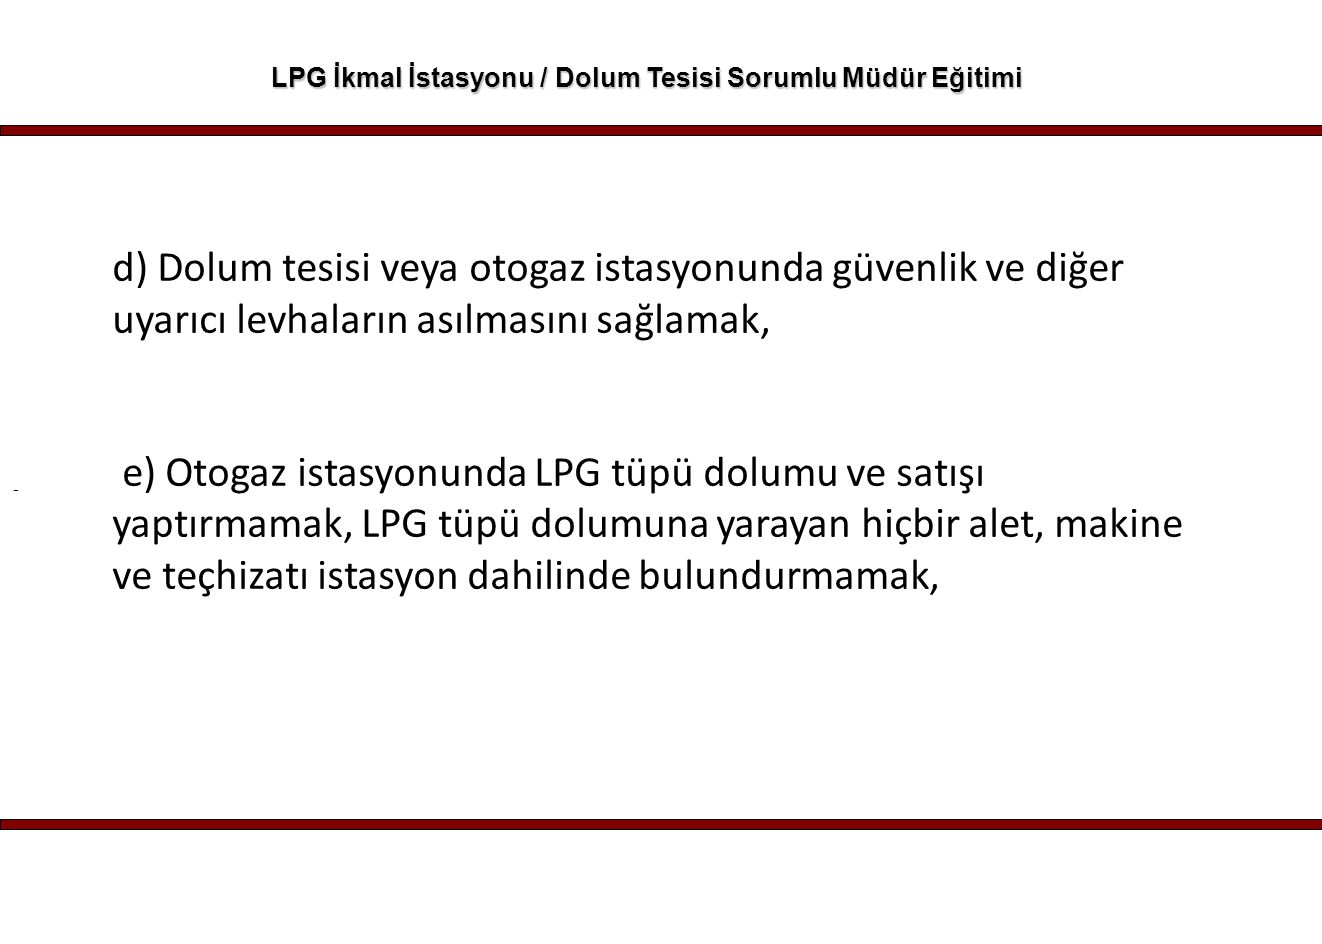 - LPG İkmal İstasyonu / Dolum Tesisi Sorumlu Müdür Eğitimi Belge yenileme ve vize Madde 8 - (1) Sorumlu Müdür Belgesi nin geçerlilik süresi beş yıldır.